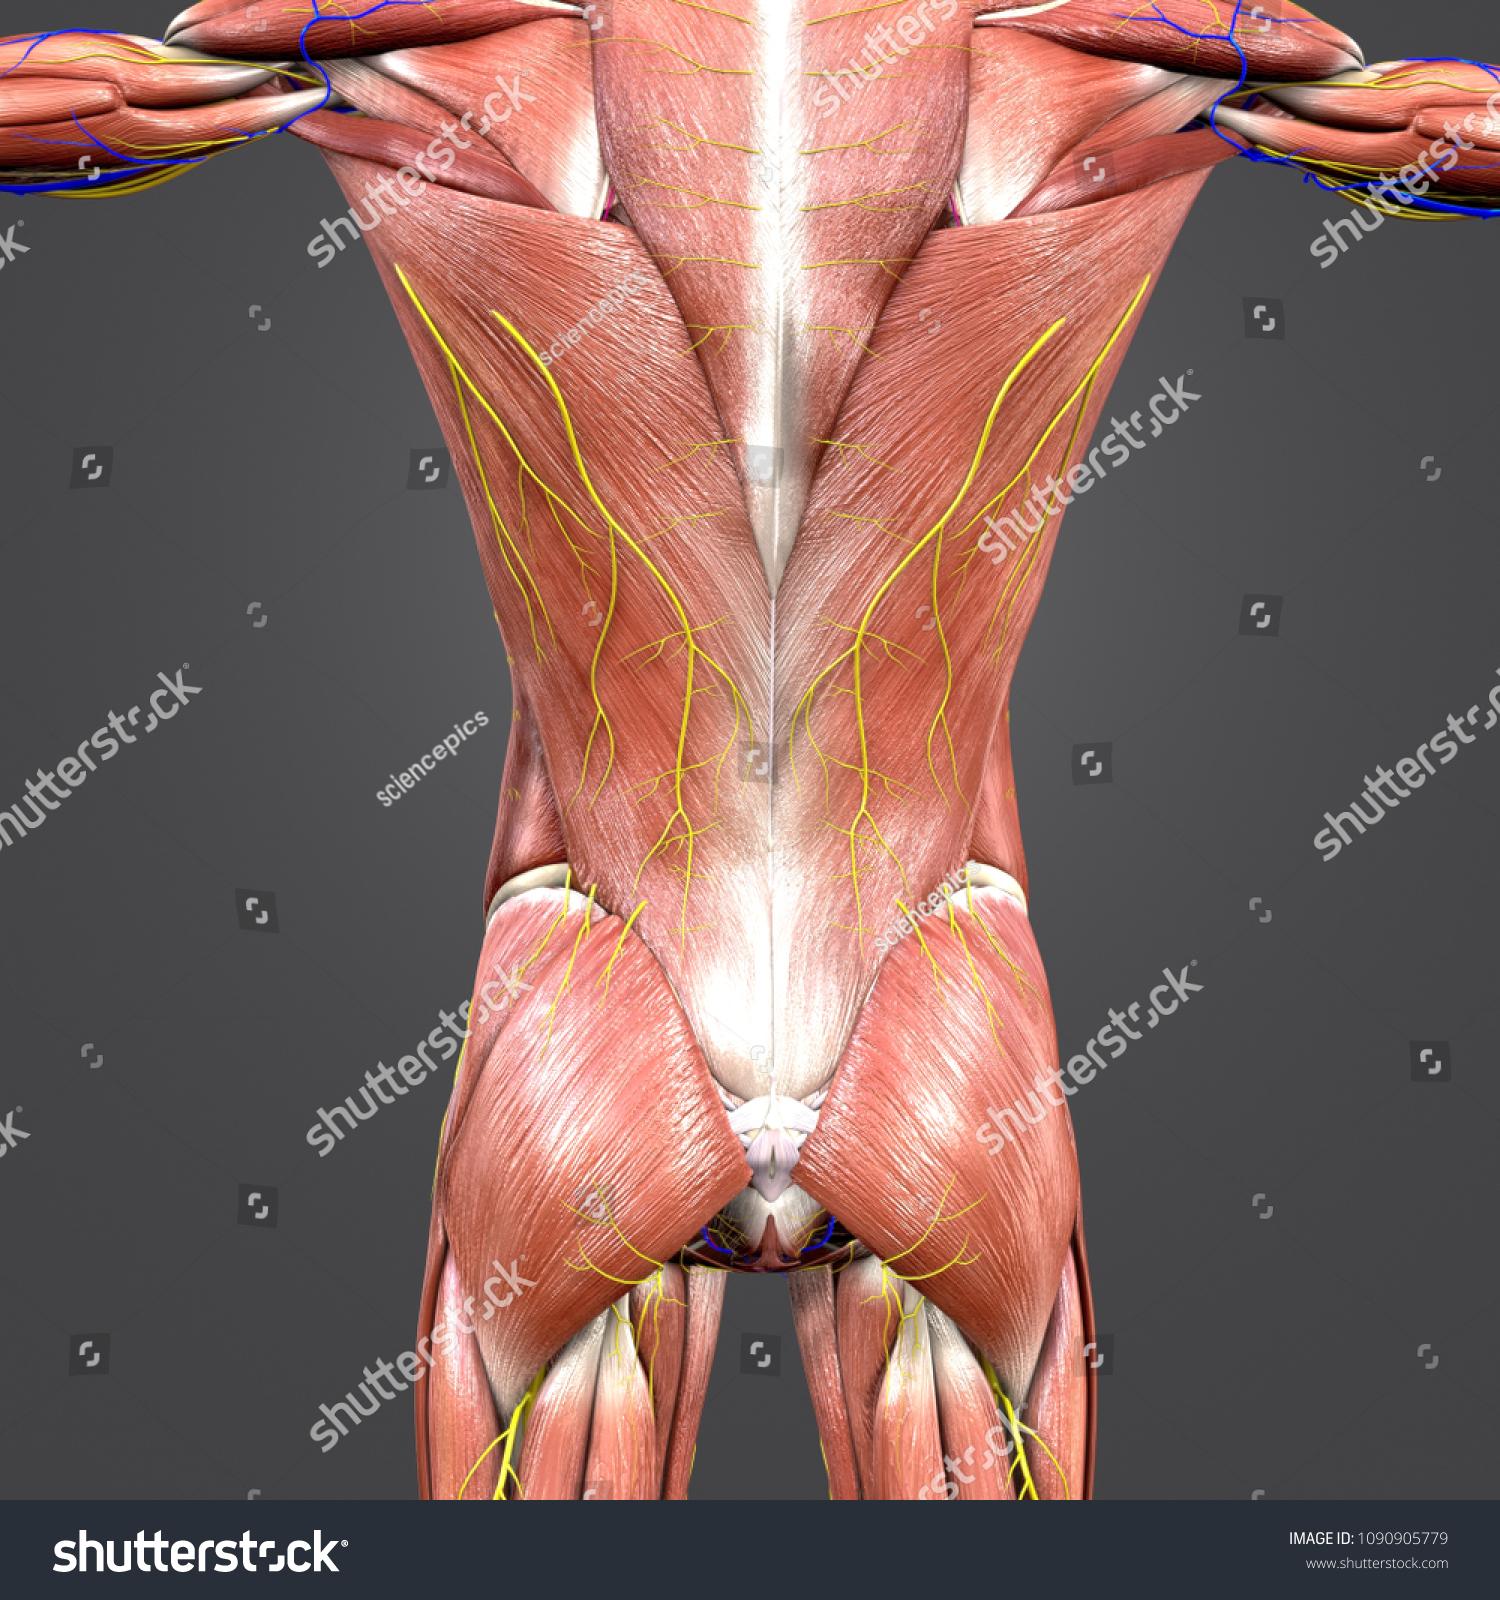 Human Muscular Anatomy Skeleton Arteries Veins Stock Illustration